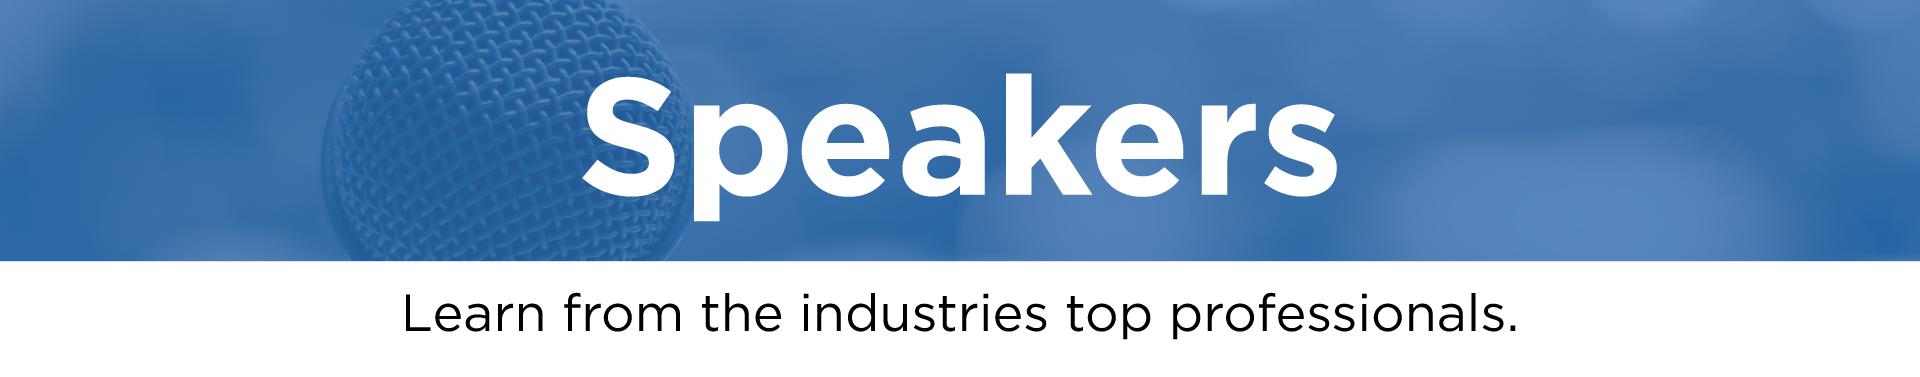 PPF_Website_Speaker_Header.jpg